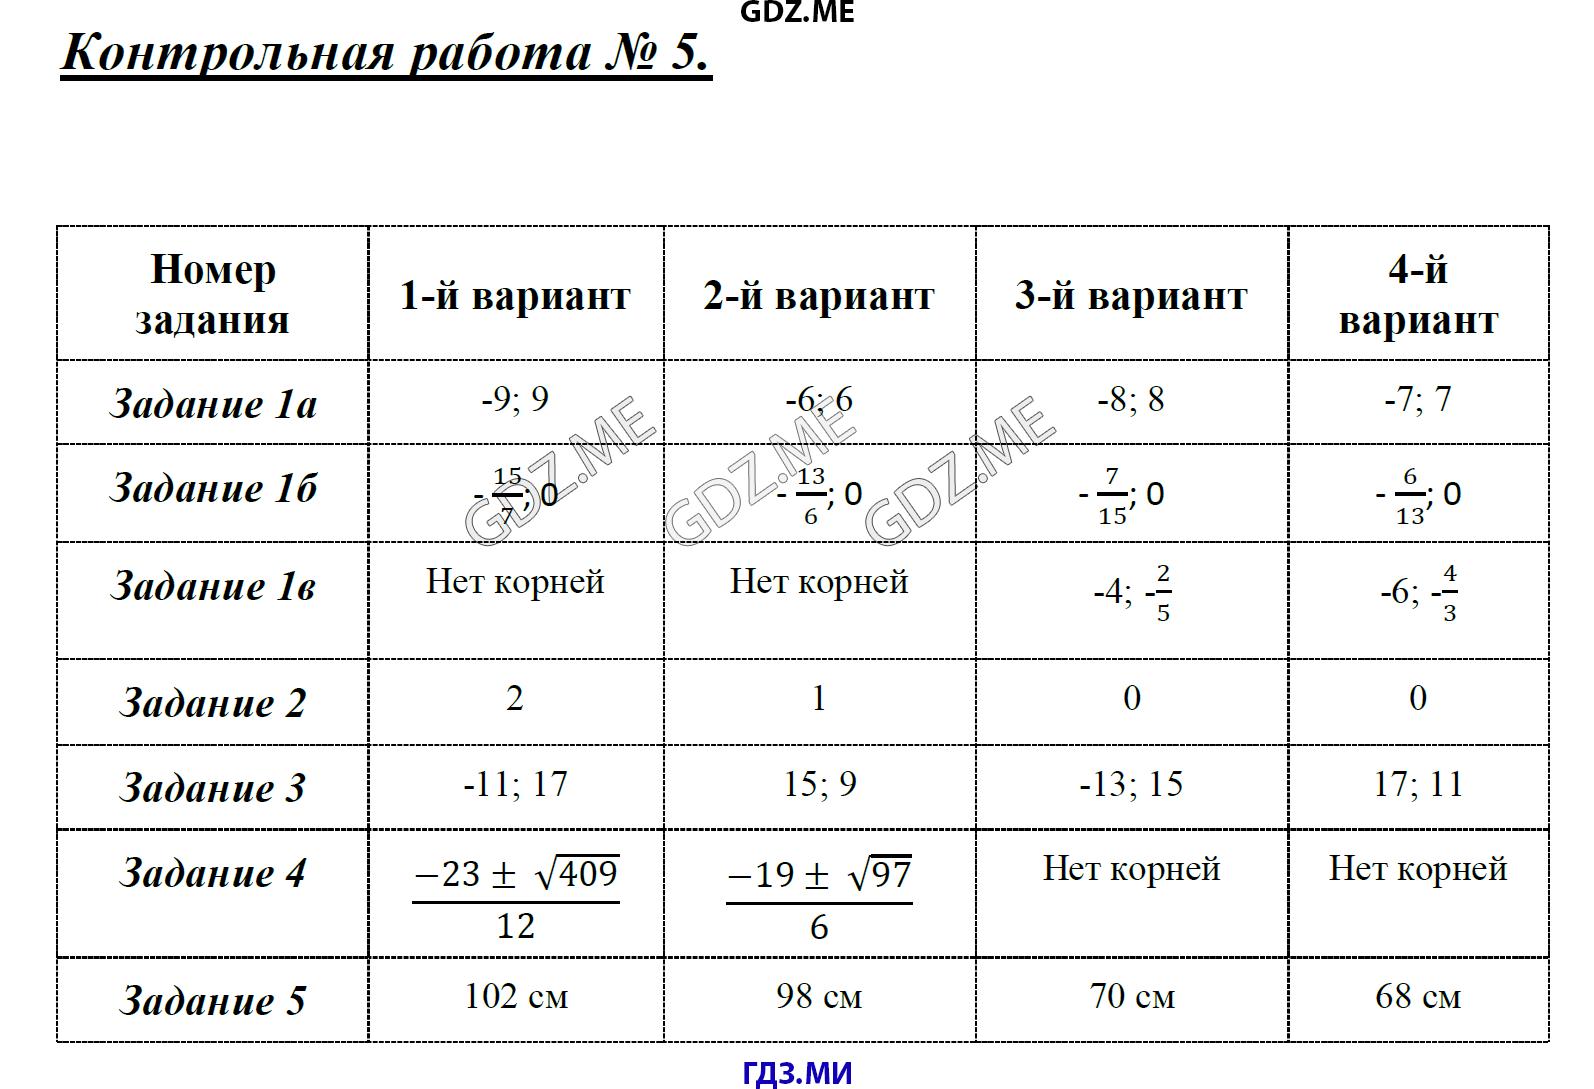 ГДЗ по алгебре класс Глазков Гаиашвили контрольные работы решебник  Контрольная работа №5